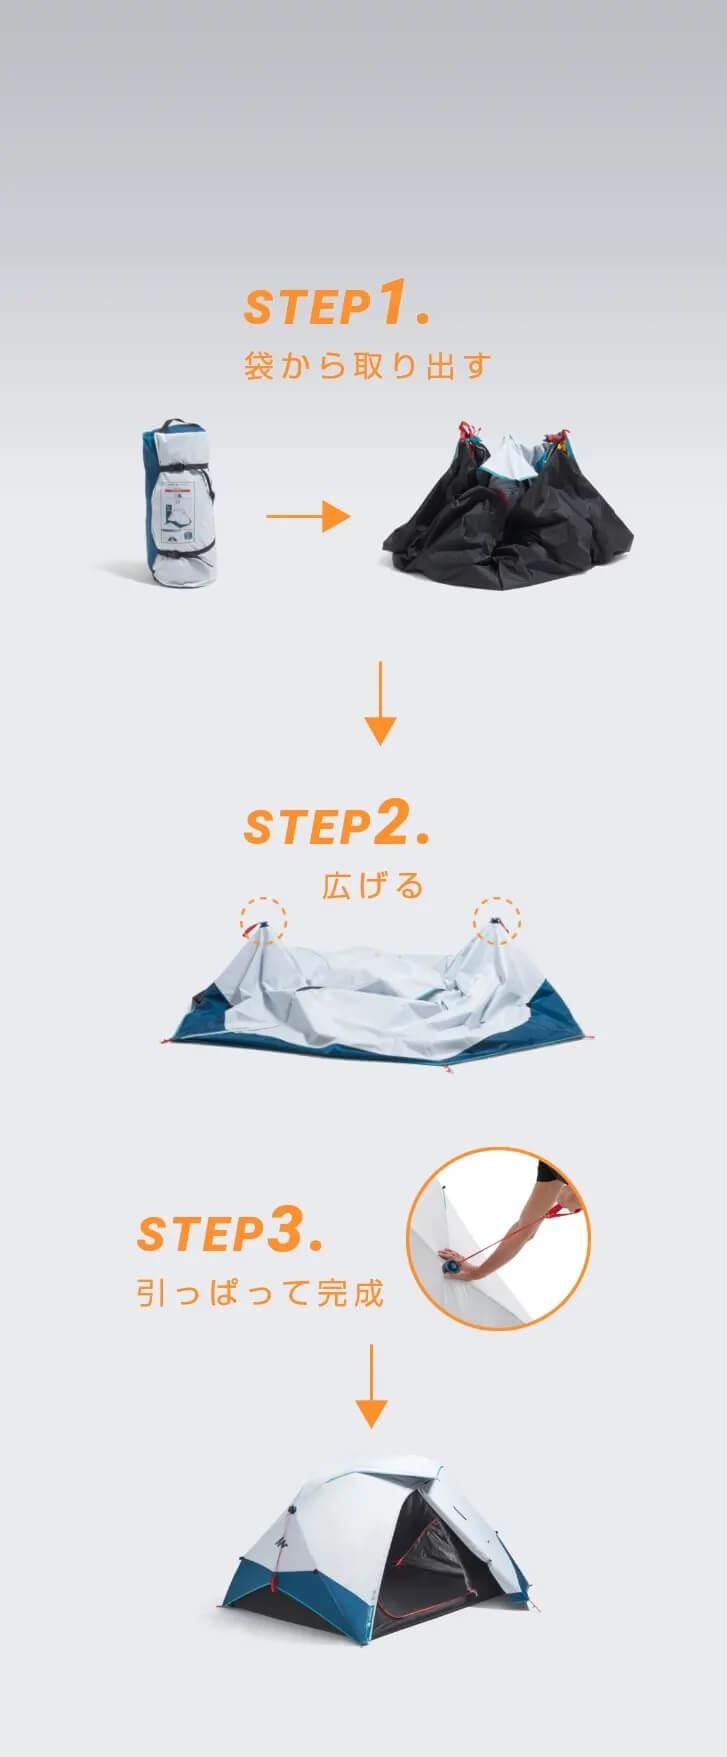 テントの準備方法